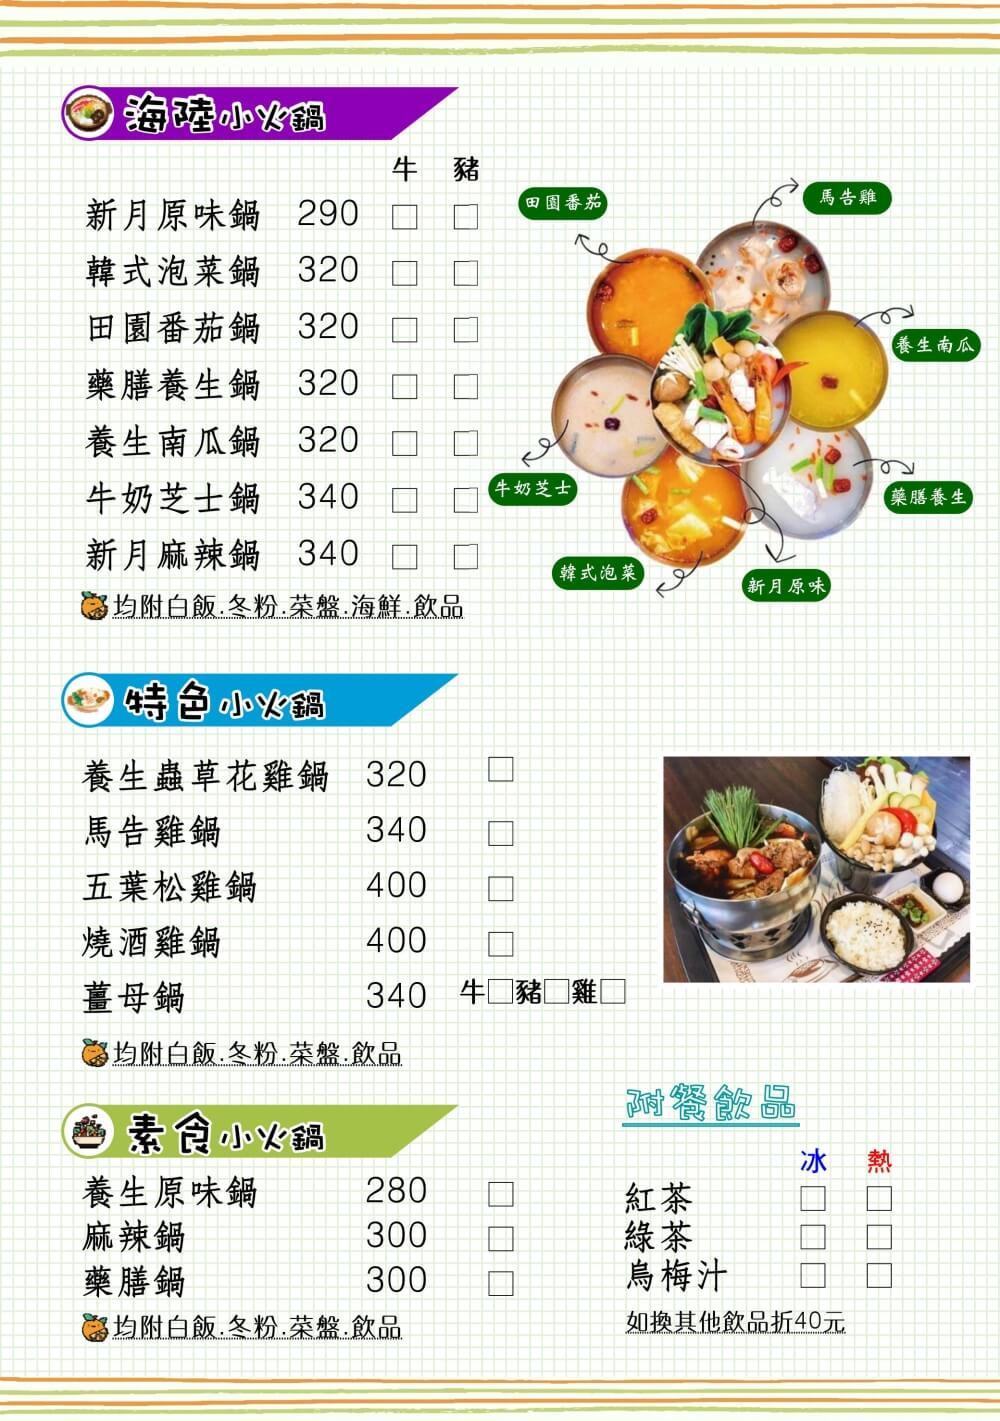 新月傳說景觀餐廳菜單-03